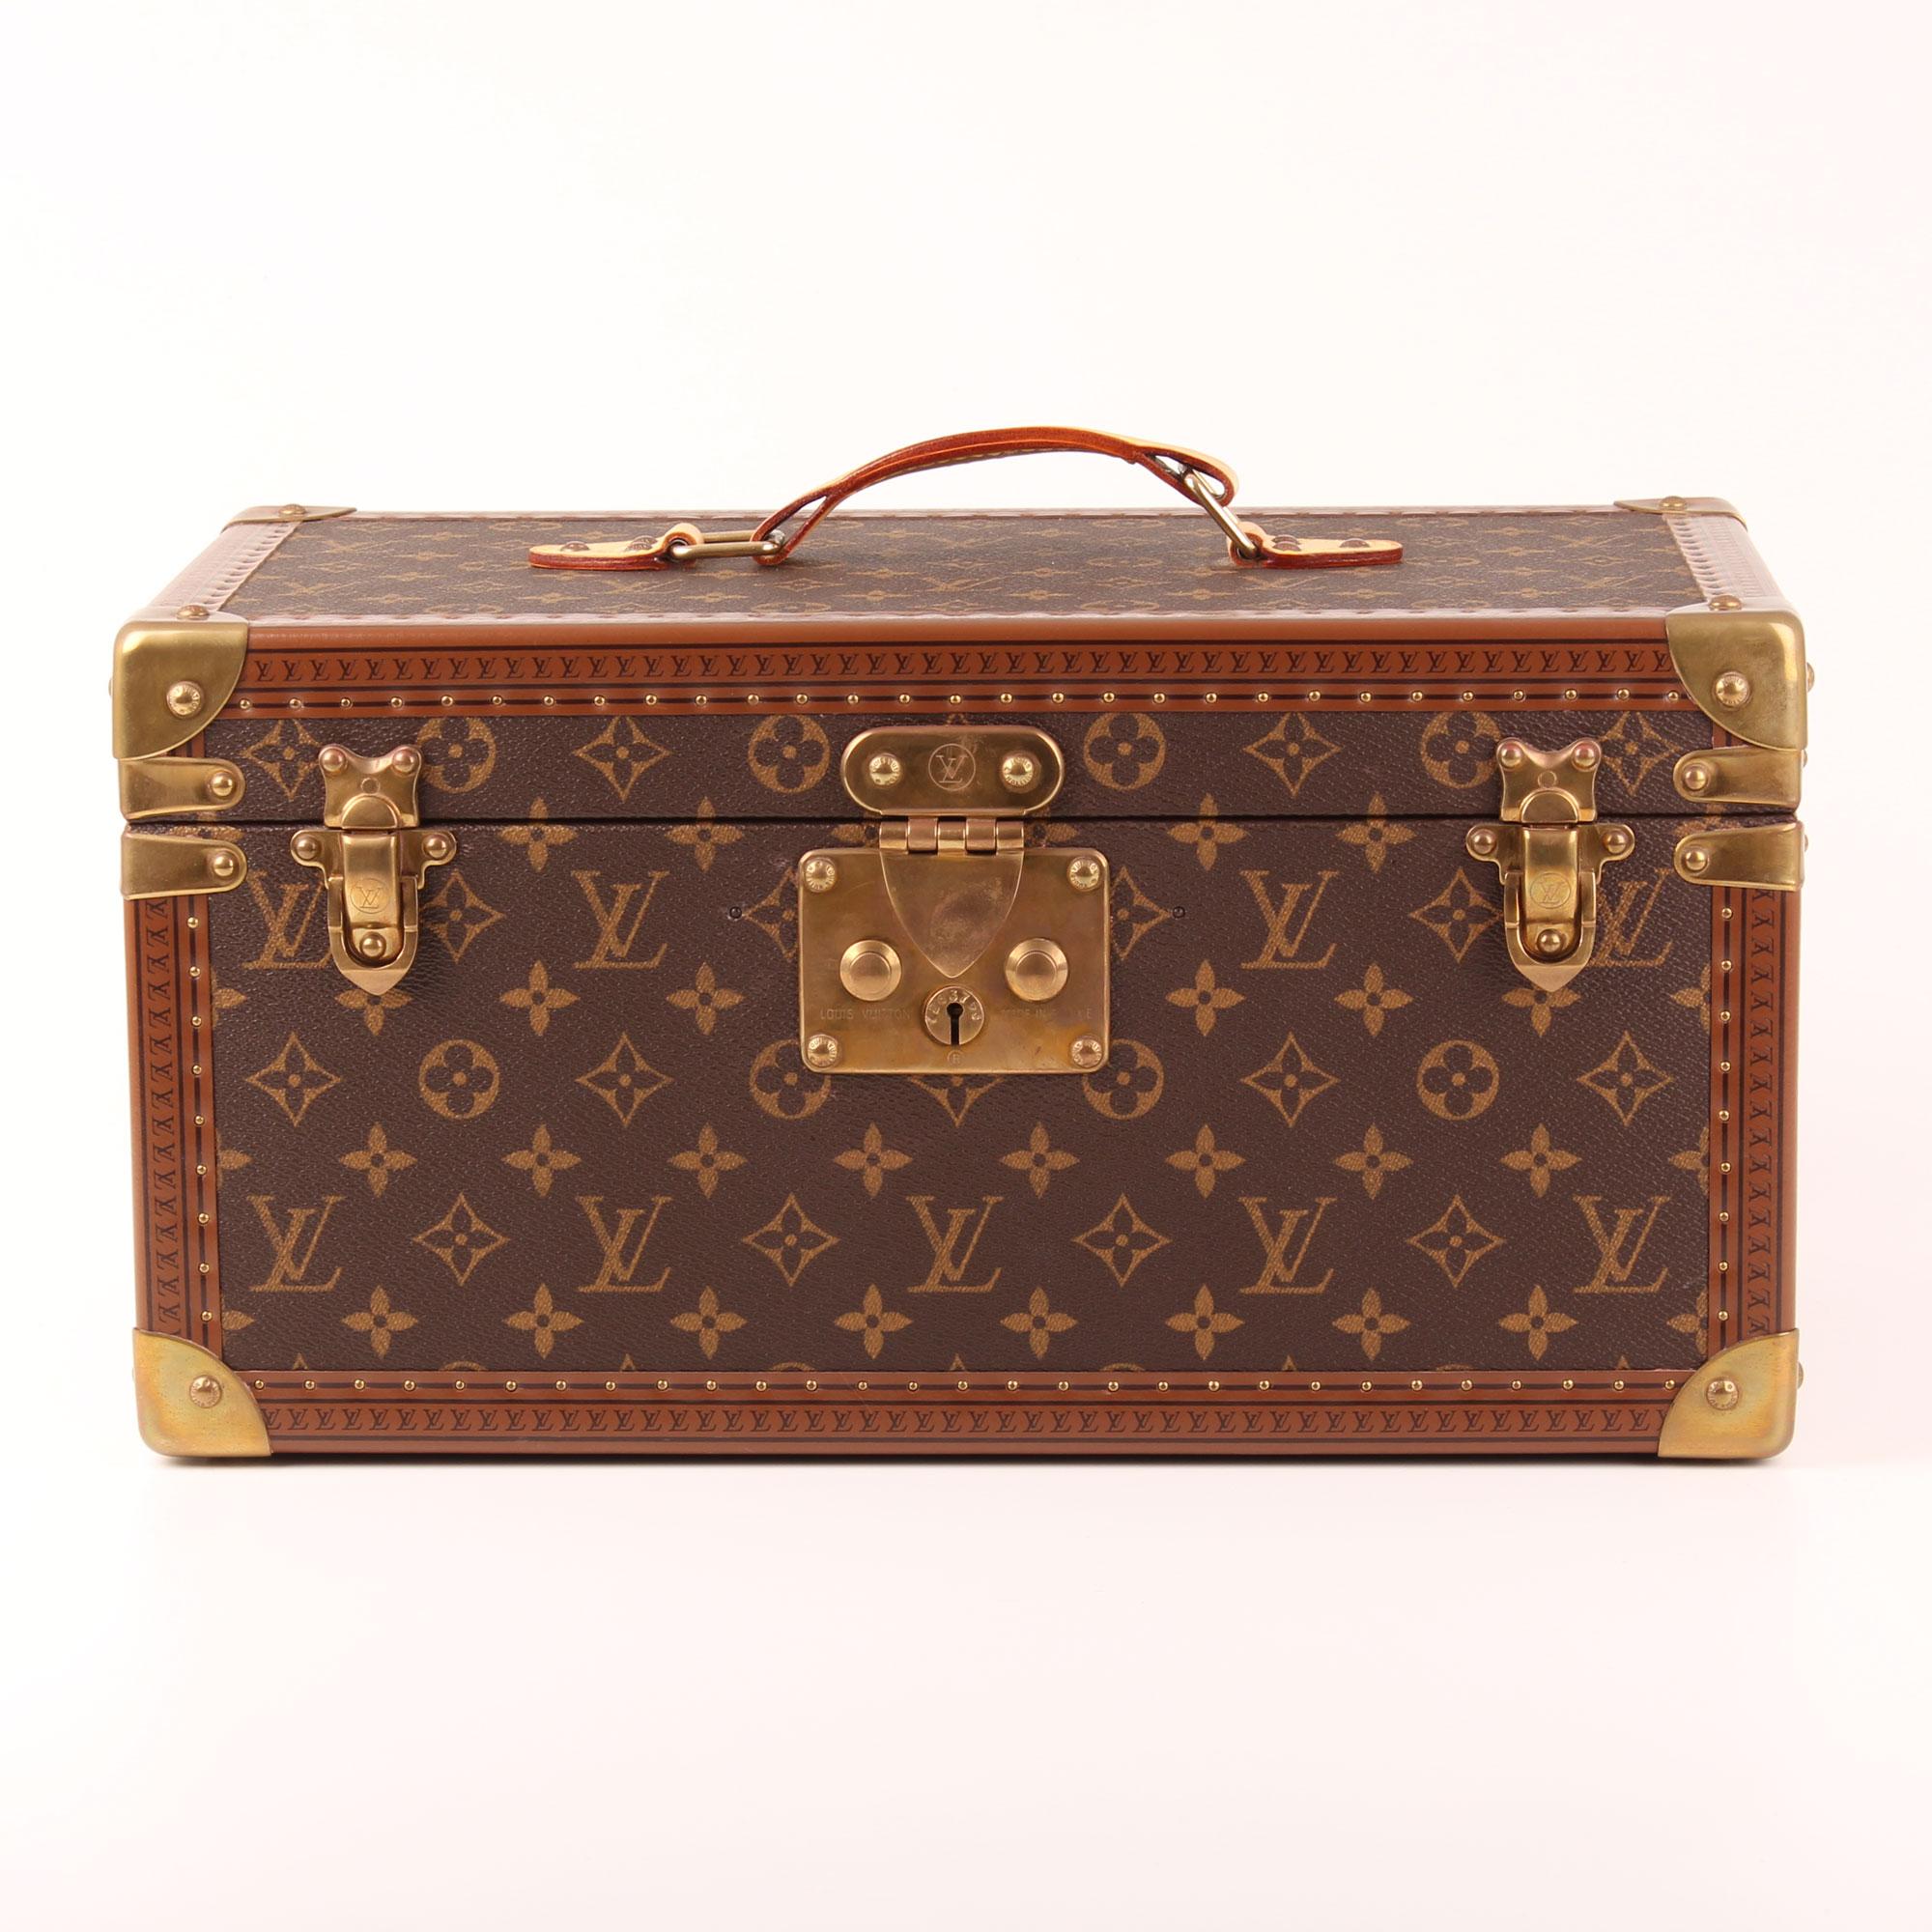 e5da0fc420a1 Front image of louis vuitton trunk vanity case monogram vintage pharmacy box